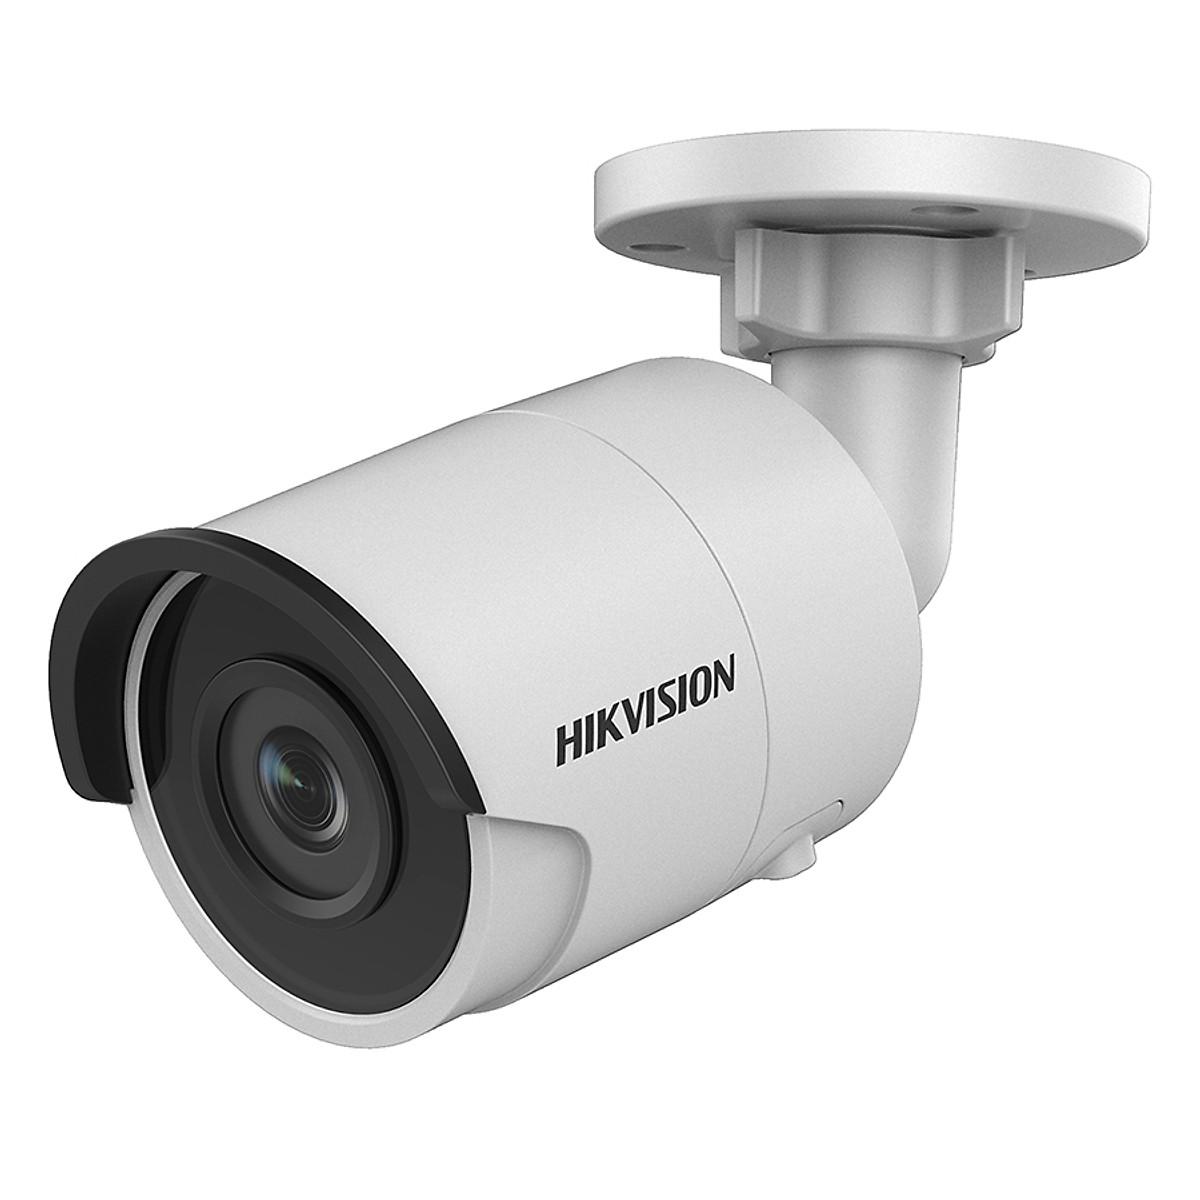 Camera IP Hồng Ngoại 3.0 Megapixel Hikvision DS-2CD2035FWD-I Chống Ngược Sáng – Hàng Chính Hãng